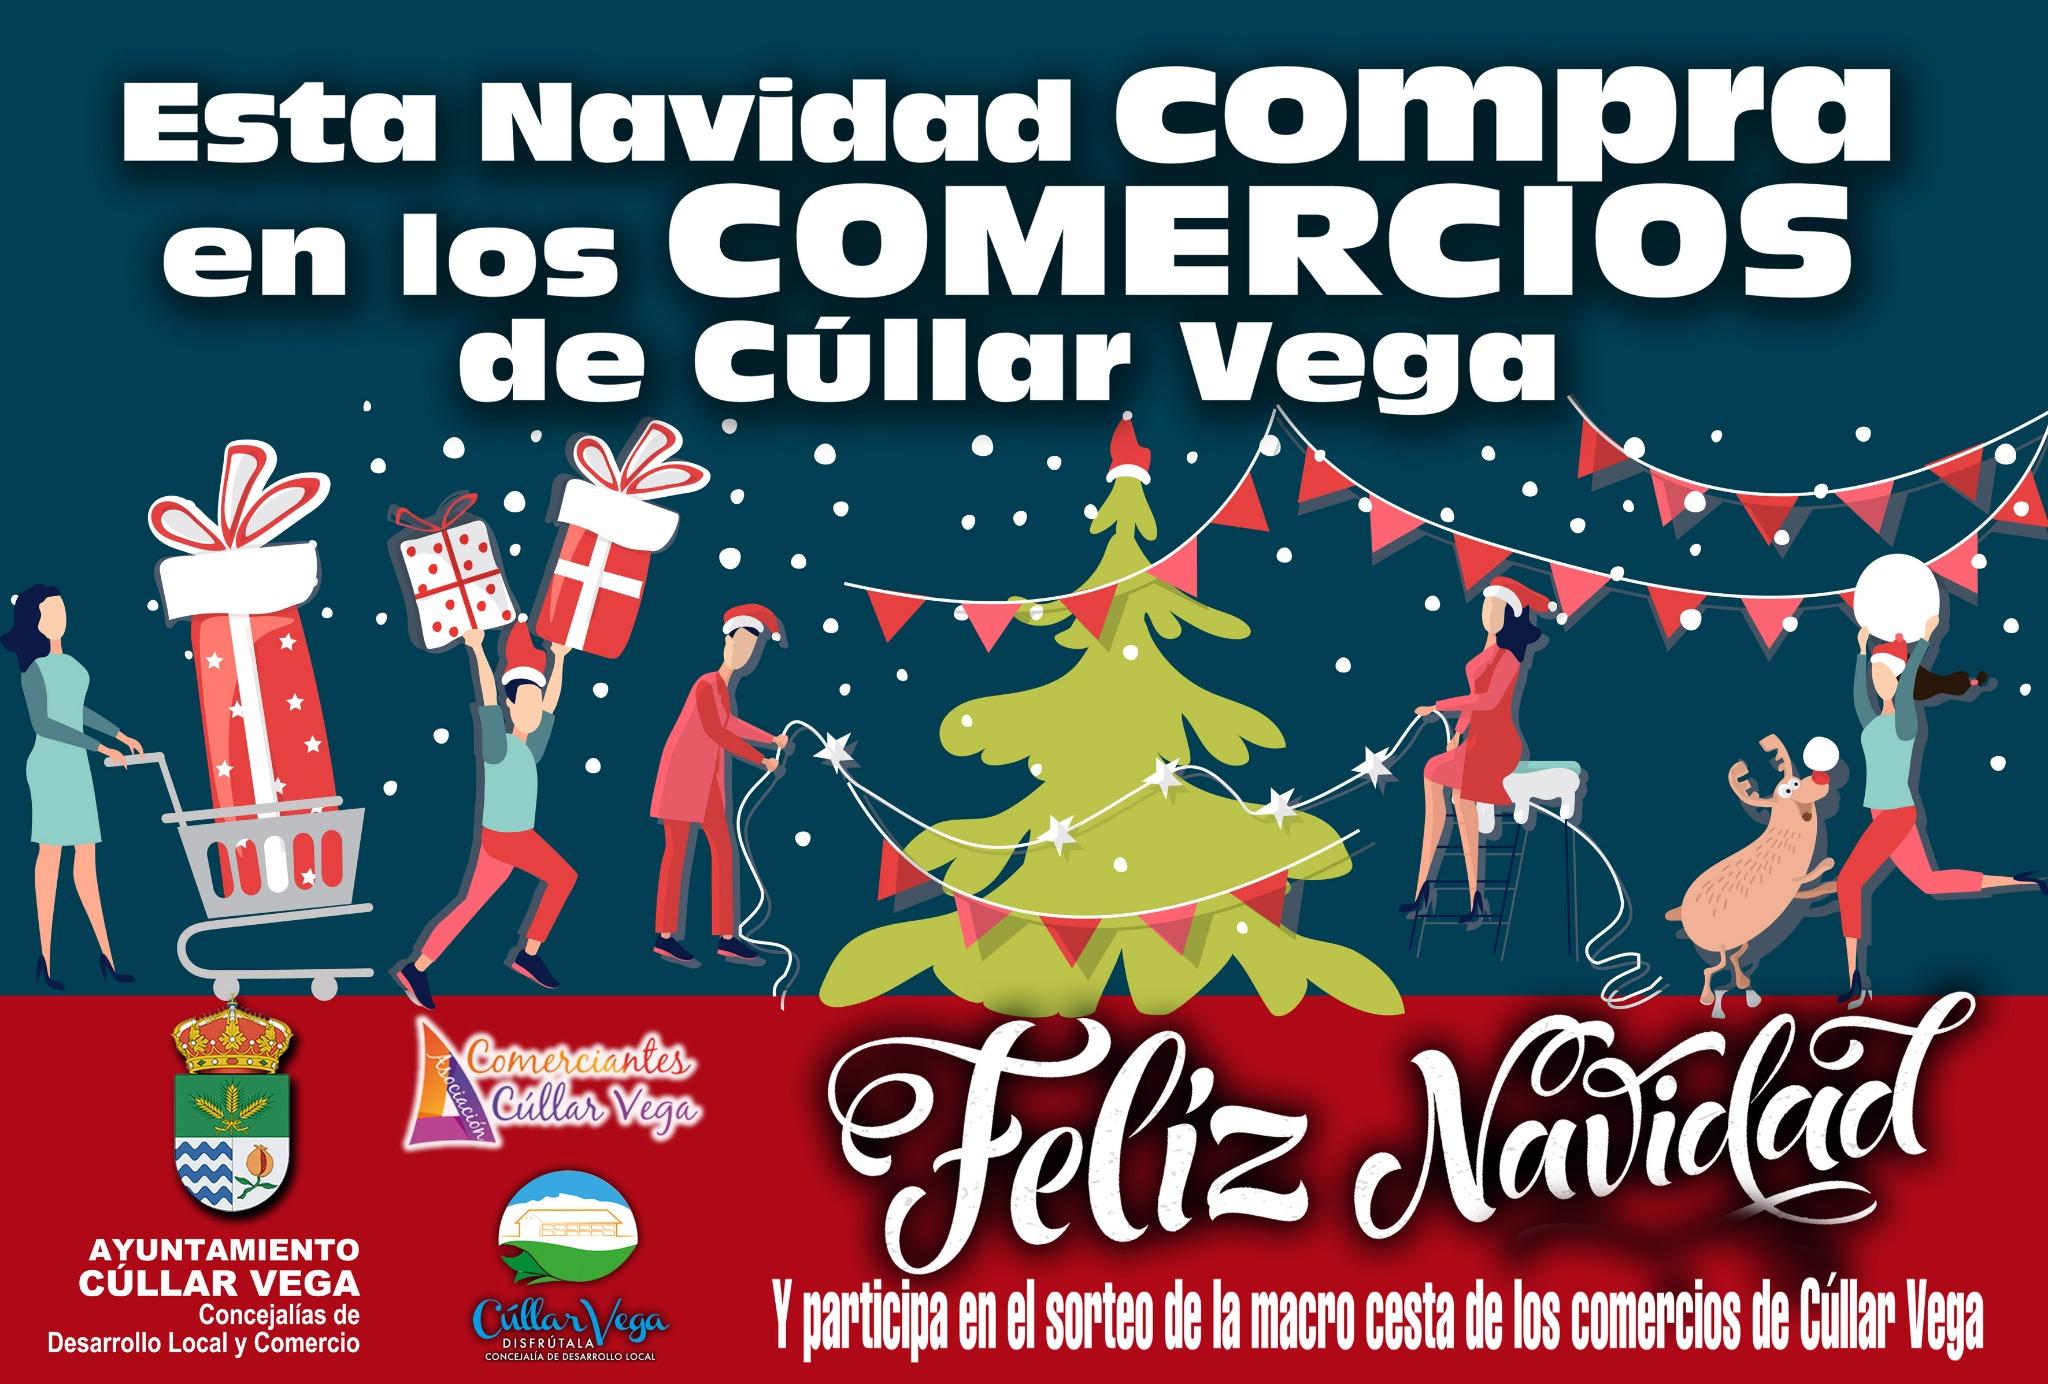 COMERCIOS NAVIDAD 2019